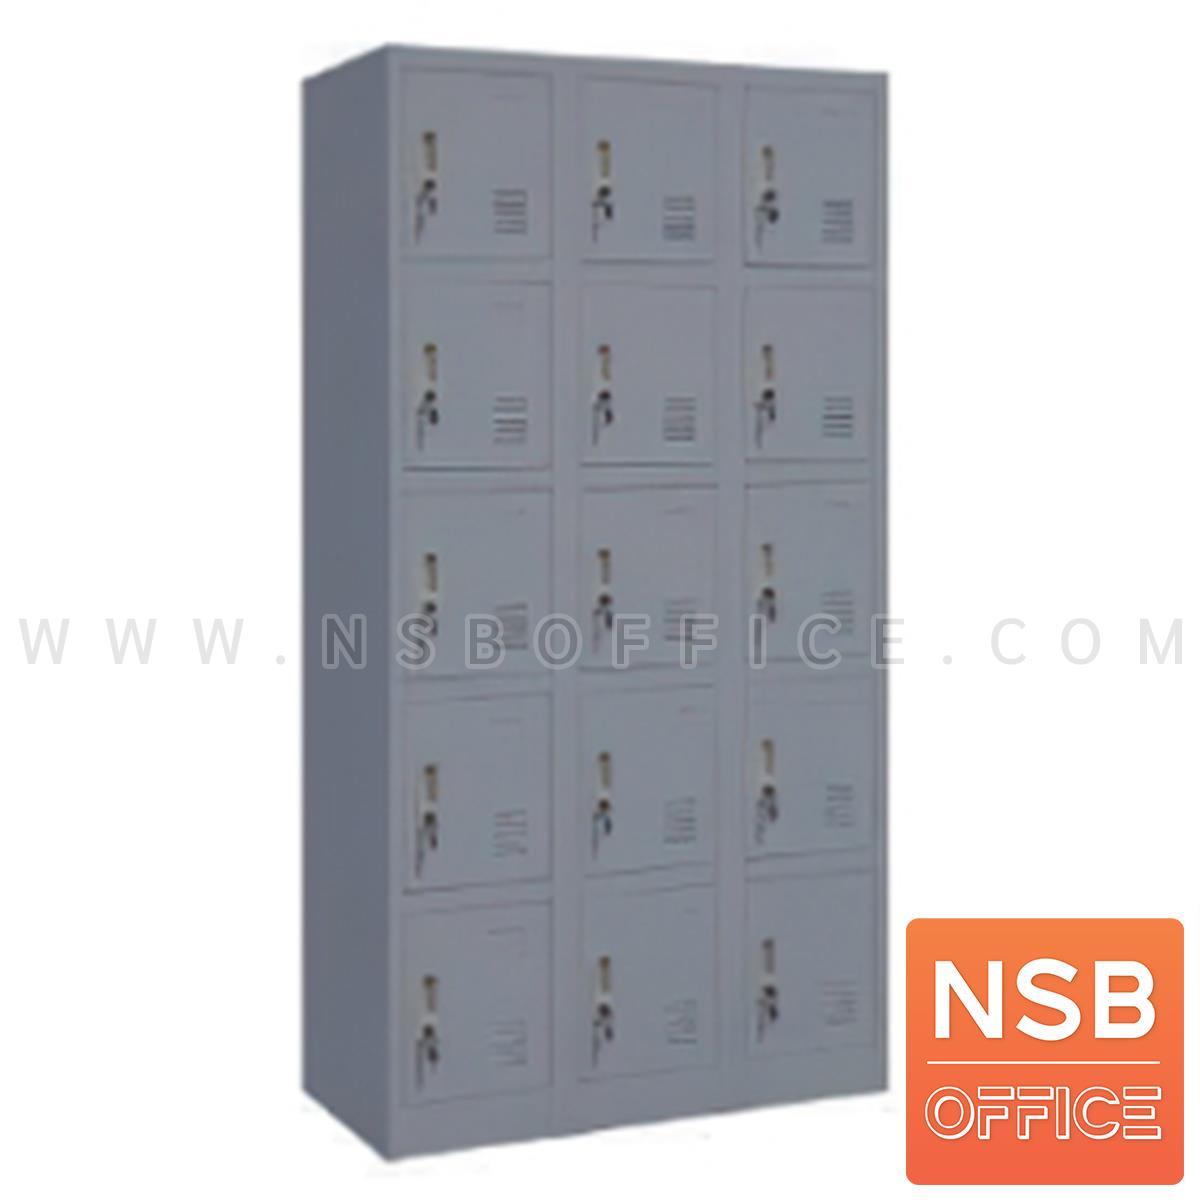 ตู้ล็อกเกอร์ 15 ประตู รุ่น Sharla (ชาร์ล่า) ขนาด 94.5W*46D*183H cm.